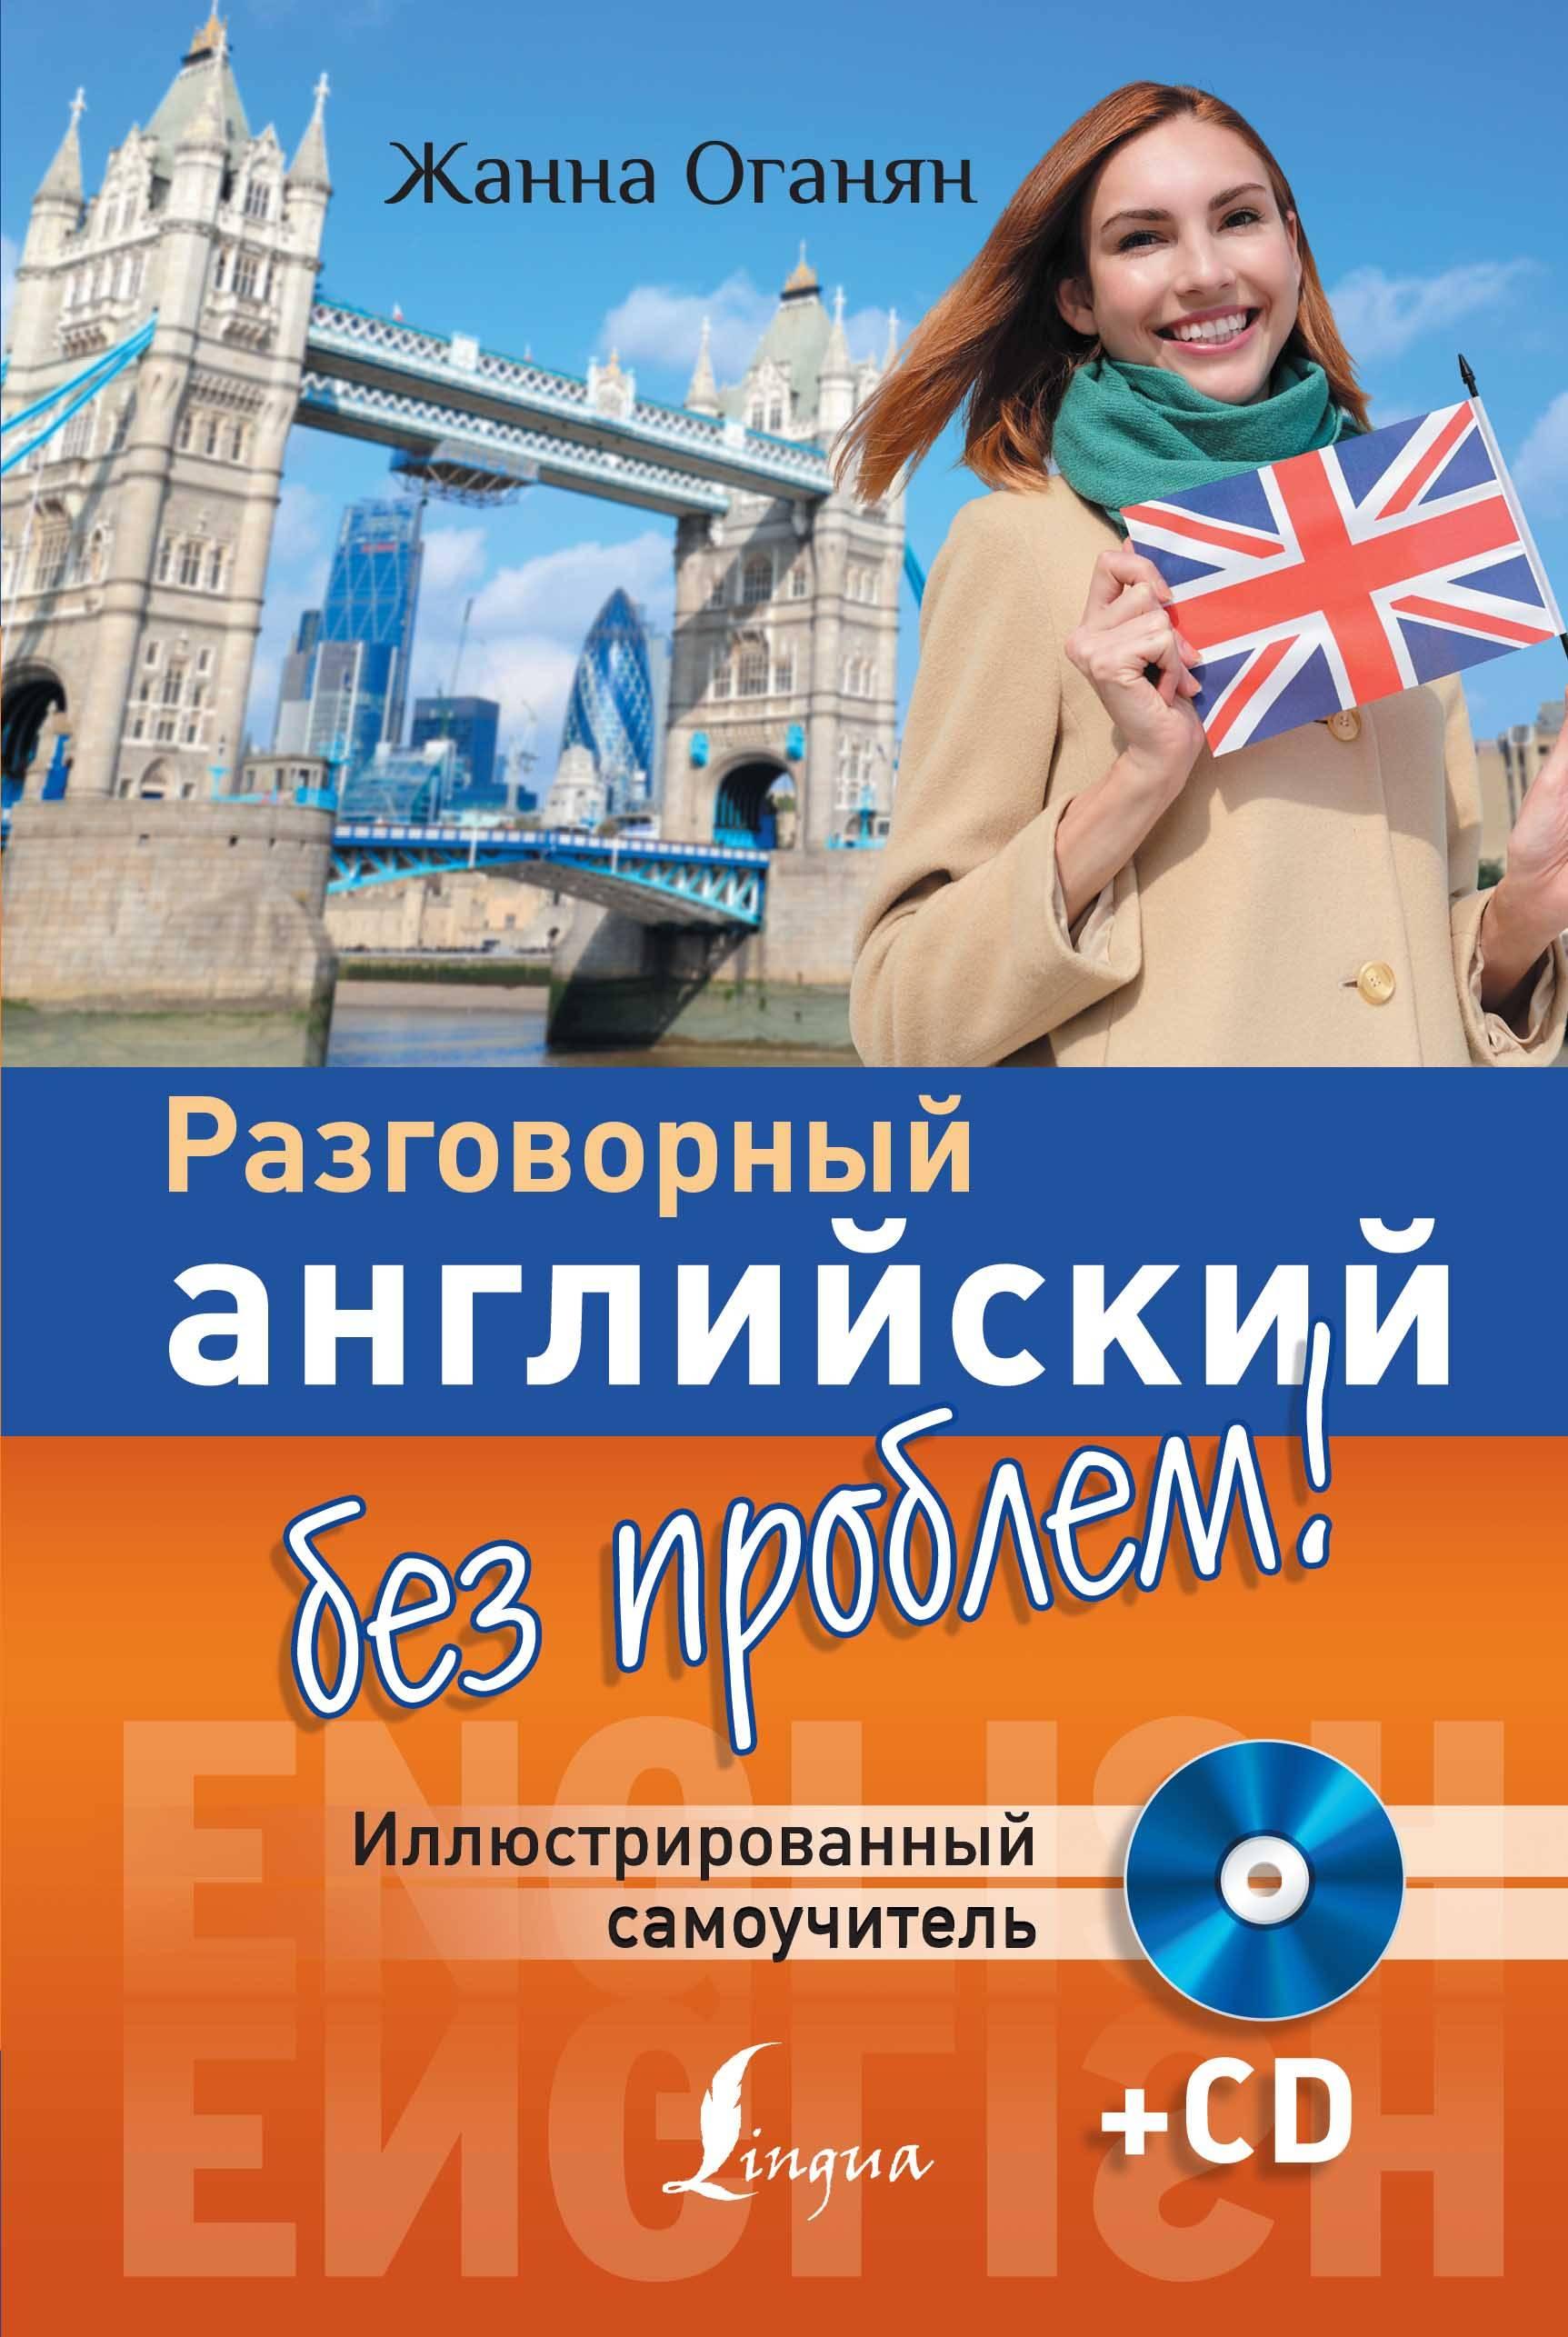 Разговорный английский без проблем! Иллюстрированный самоучитель + CD